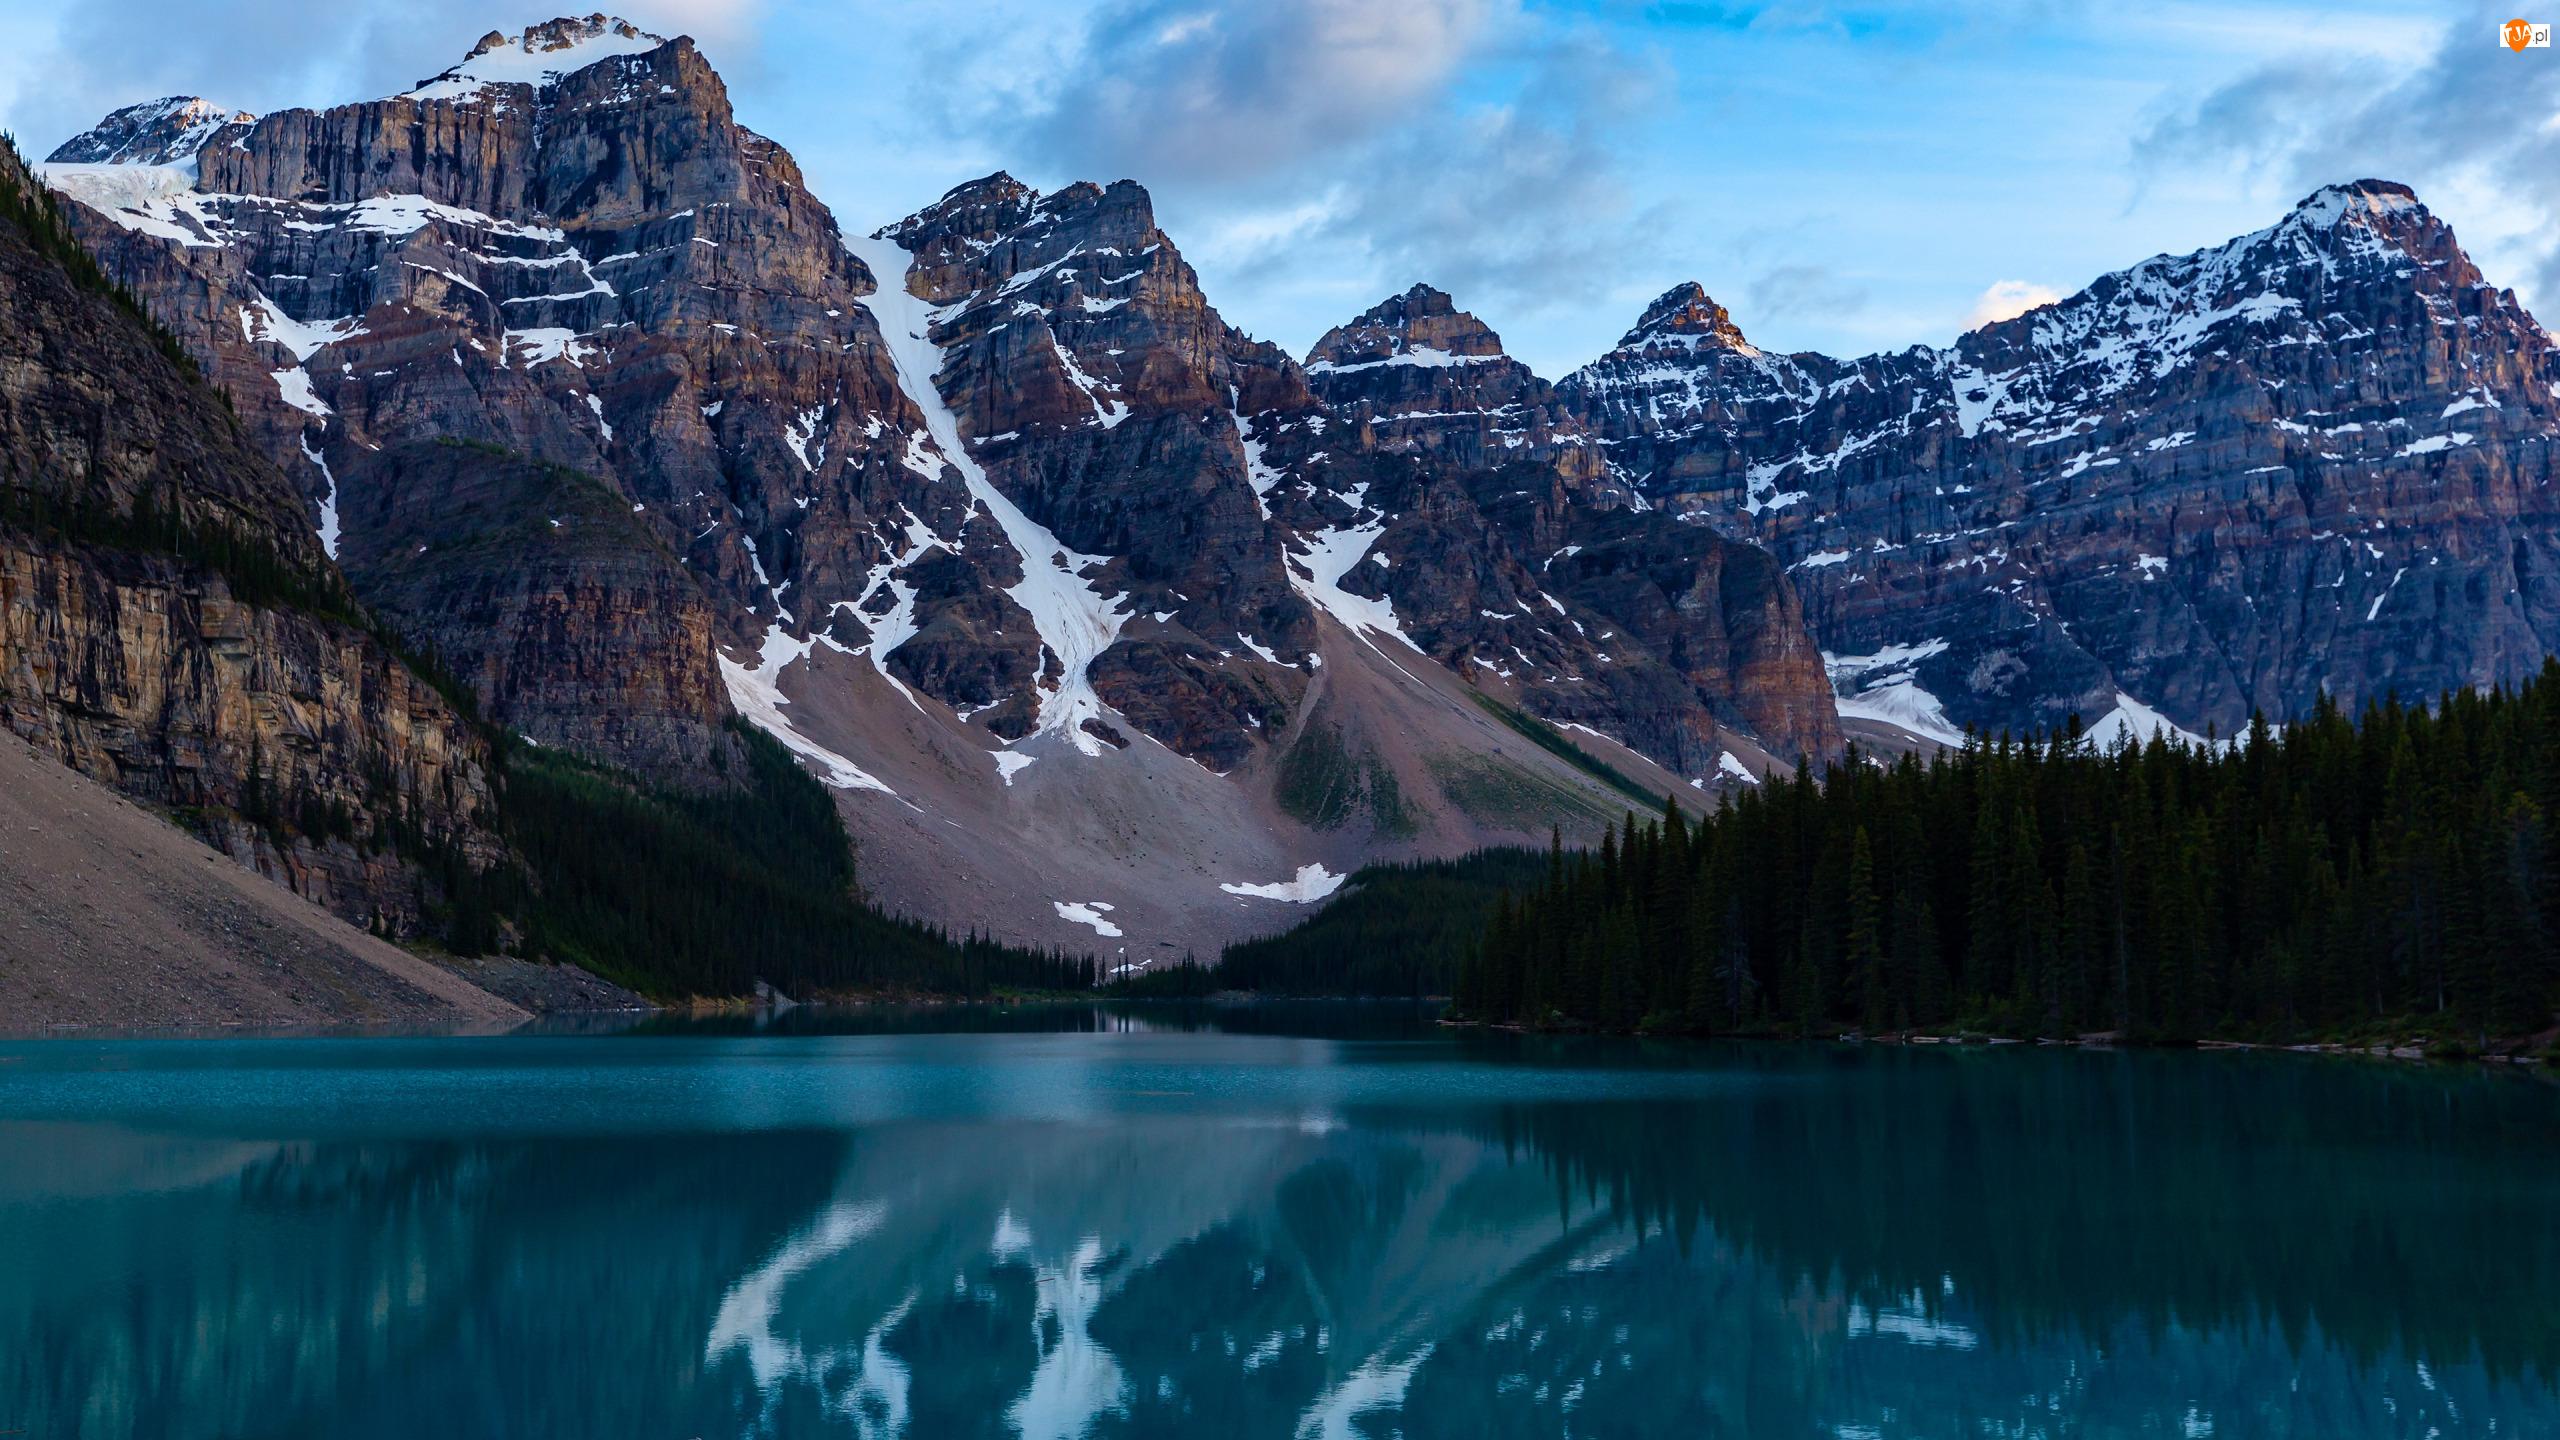 Alberta, Park Narodowy Banff, Drzewa, Kanada, Jezioro Moraine, Dolina Dziesięciu Szczytów, Góry